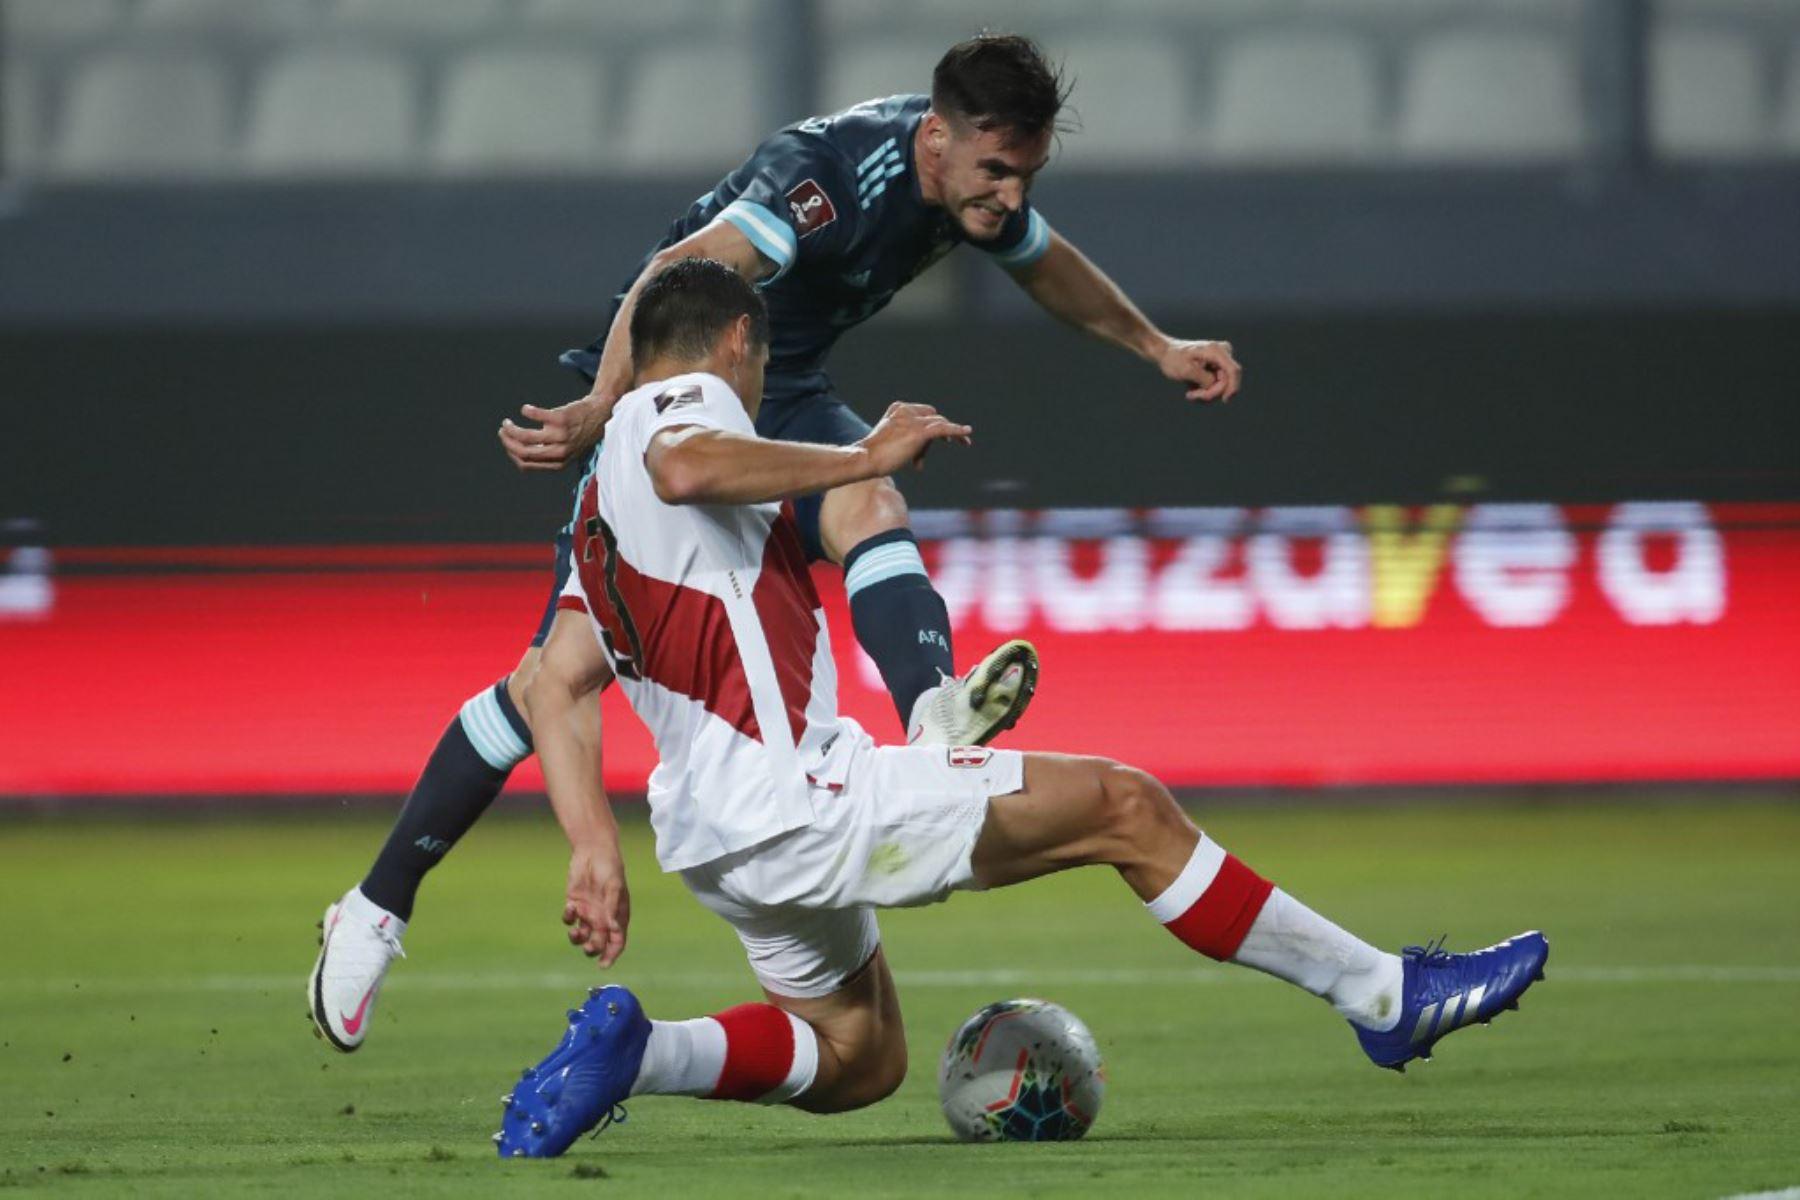 El argentino Nicolás Tagliafico  y el peruano Aldo Corzo compiten por el balón durante su partido de fútbol a puerta cerrada clasificatorio sudamericano para la Copa Mundial de la FIFA 2022 en el Estadio Nacional. Foto: AFP